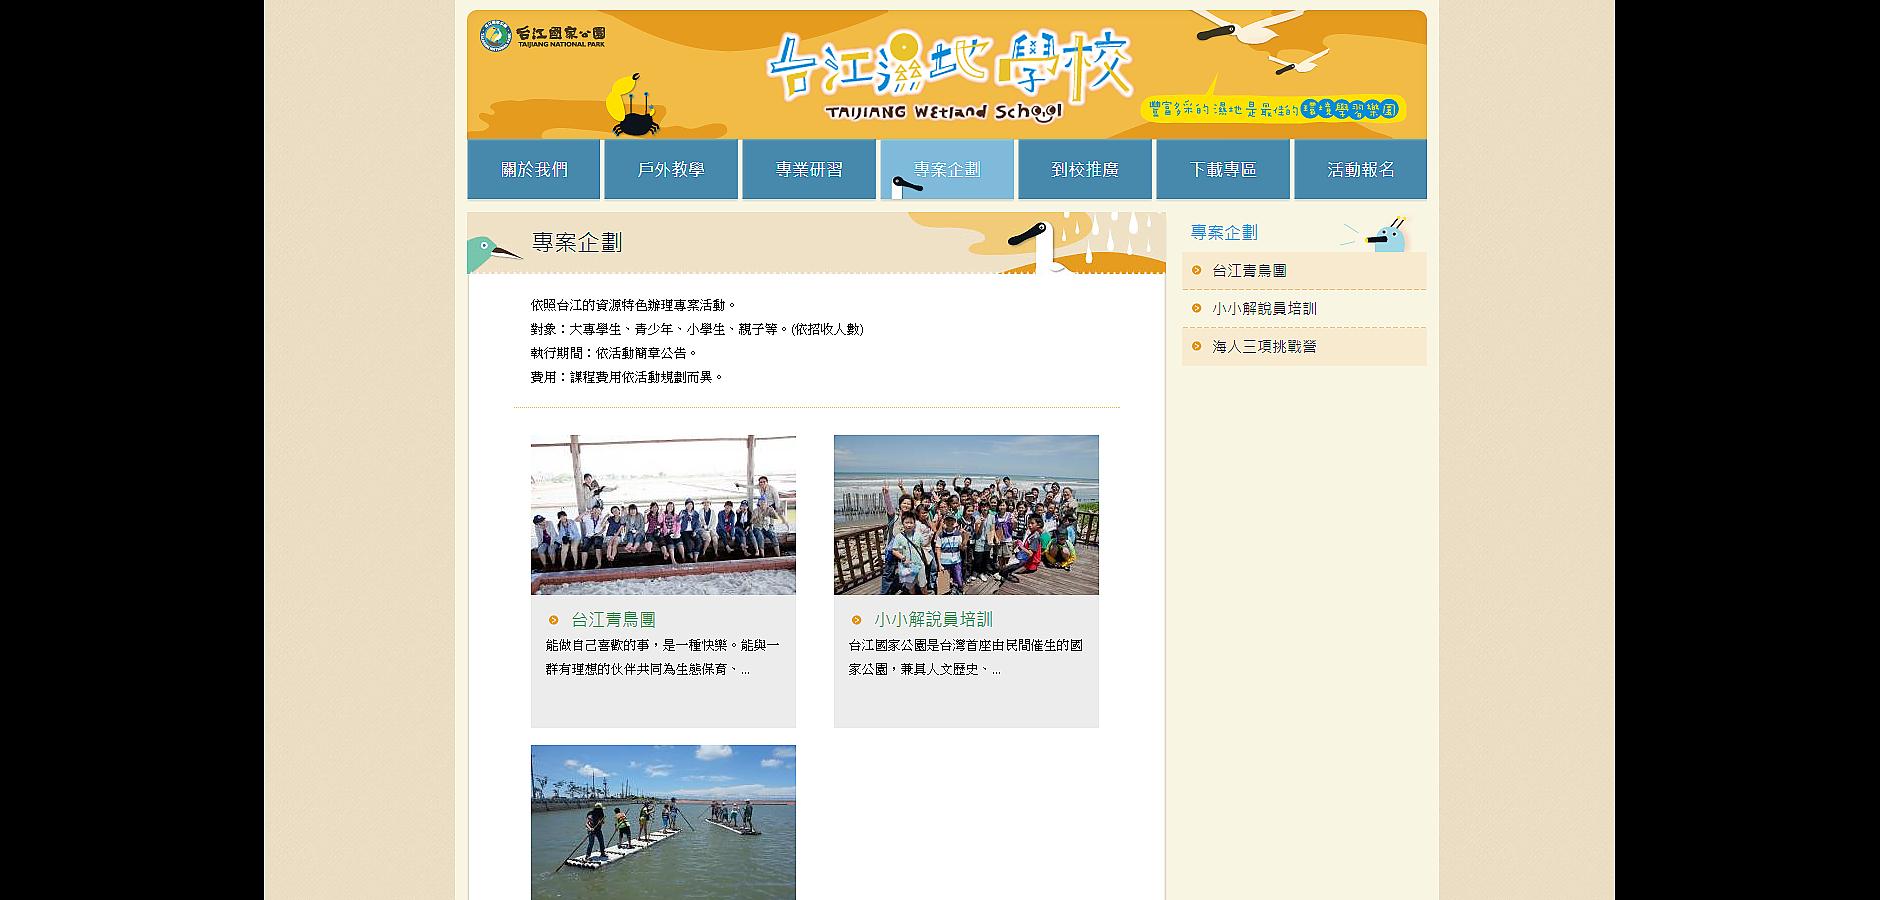 台江濕地學校 專案企劃